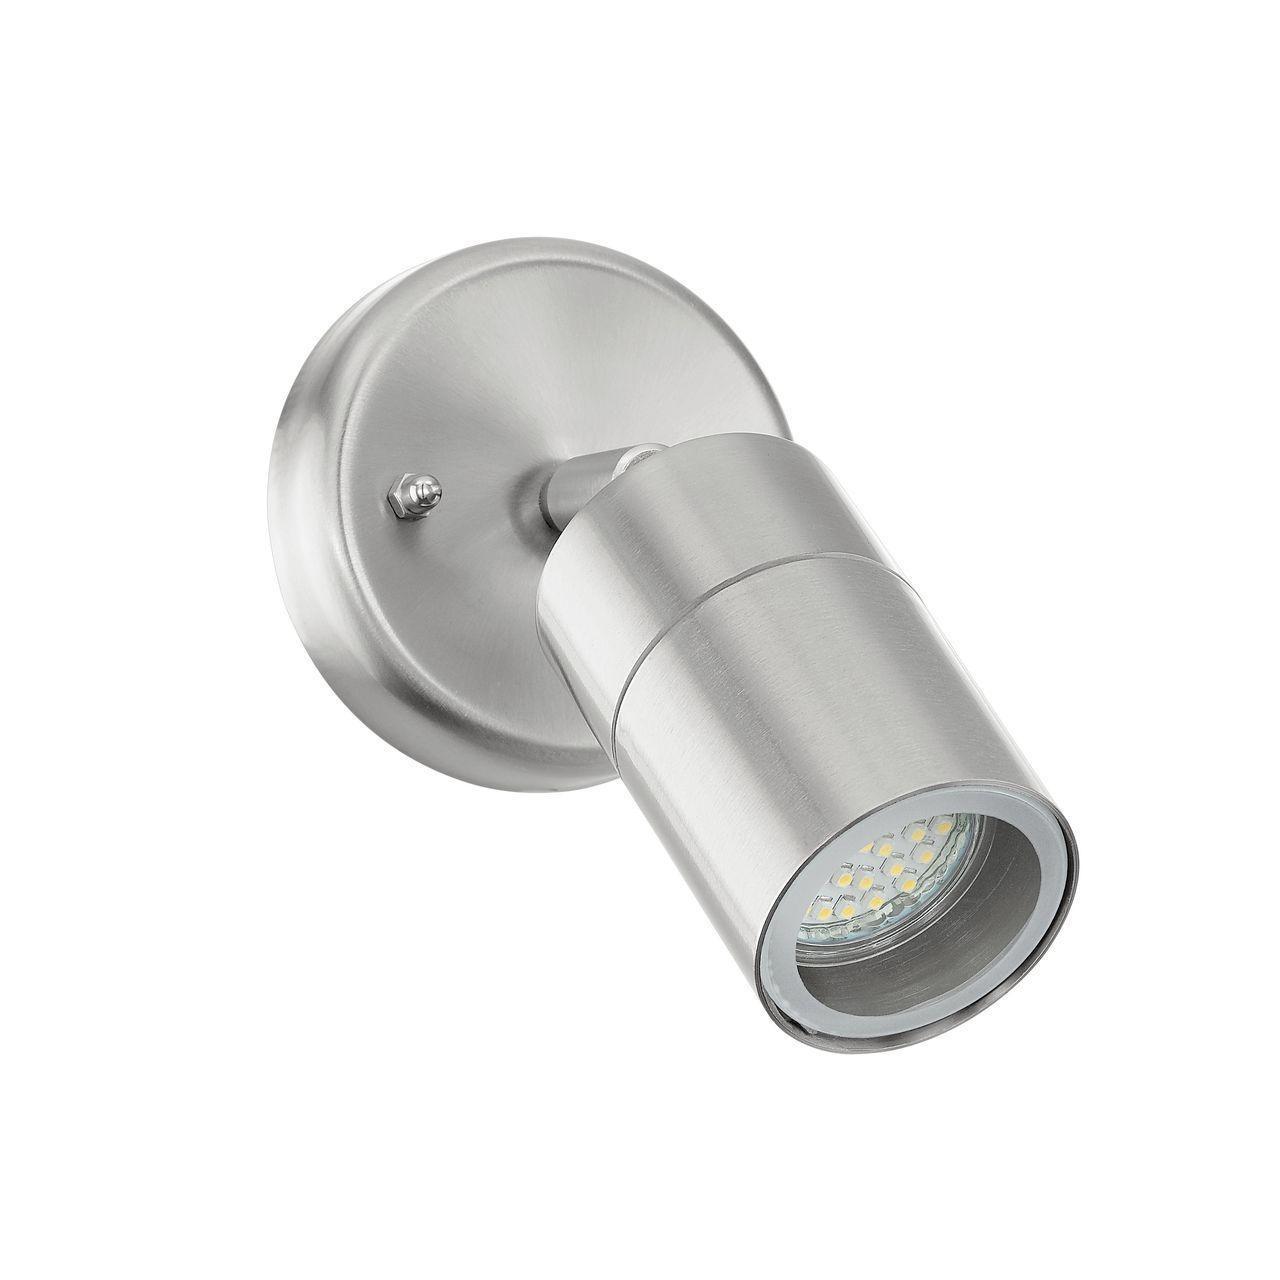 Уличный светильник Eglo 93268, серый цены